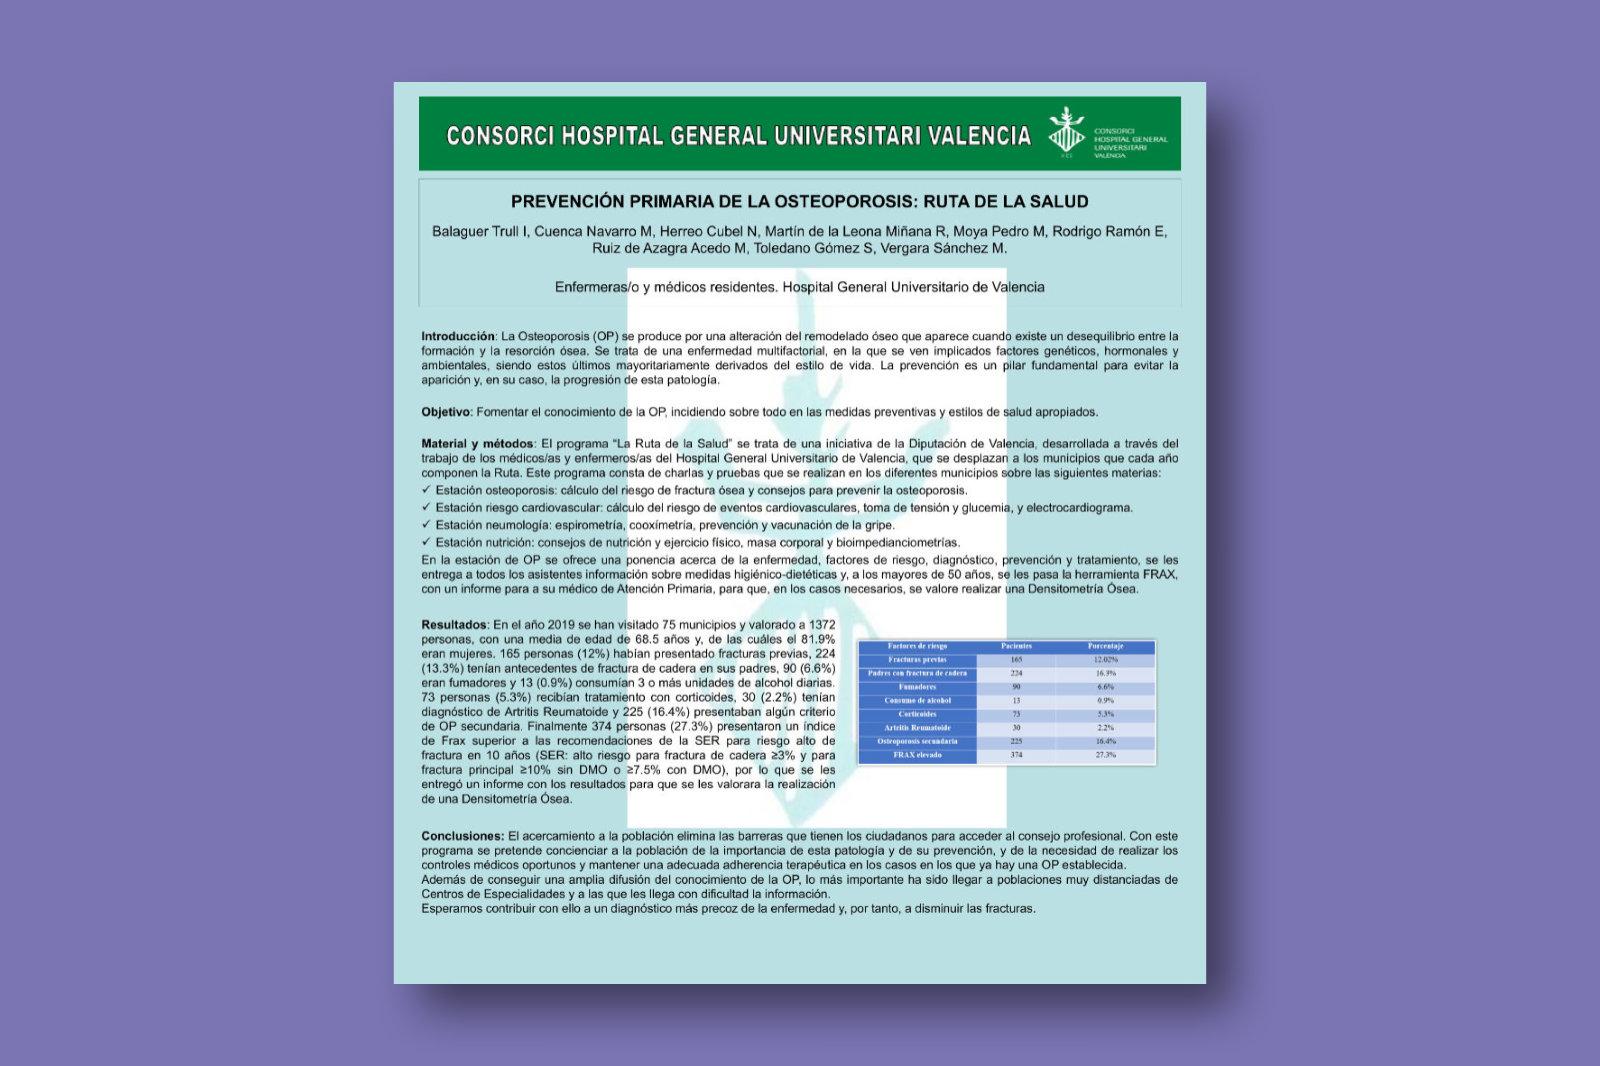 Prevención primaria de la osteoporosis: ruta de la salud